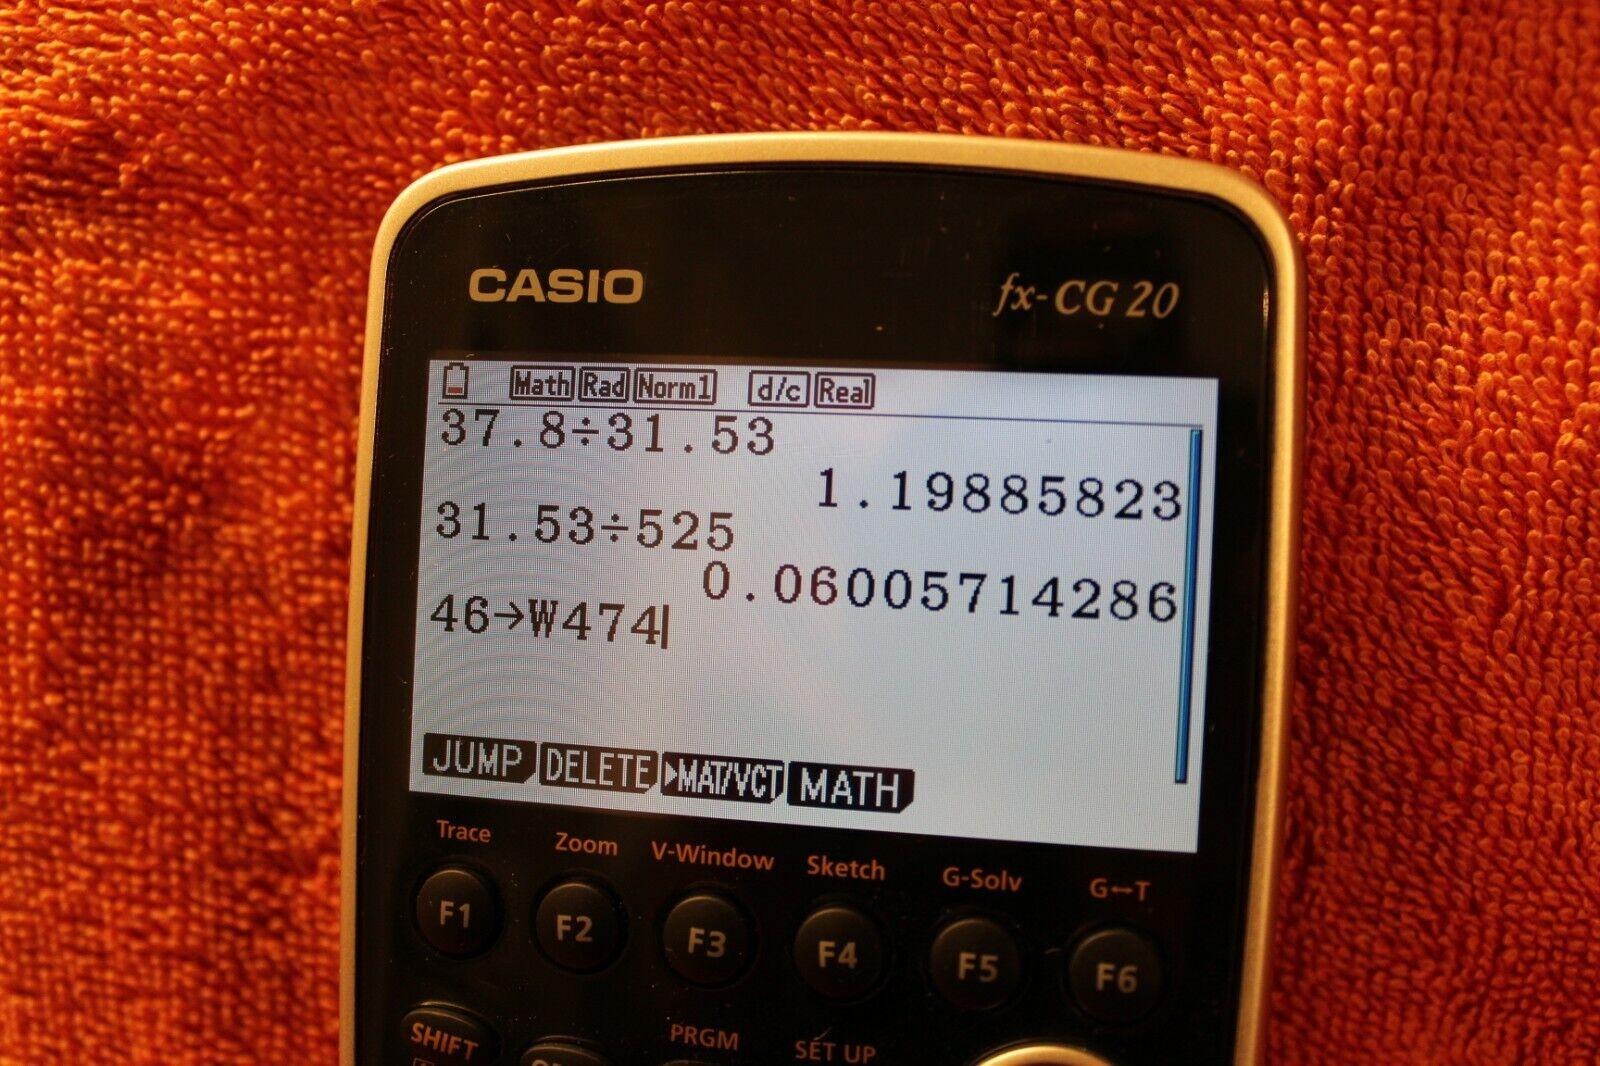 Casio fx-CG20 Grafikrechner mit hochauflösendem Farbdisplay - gebraucht-wie neu!